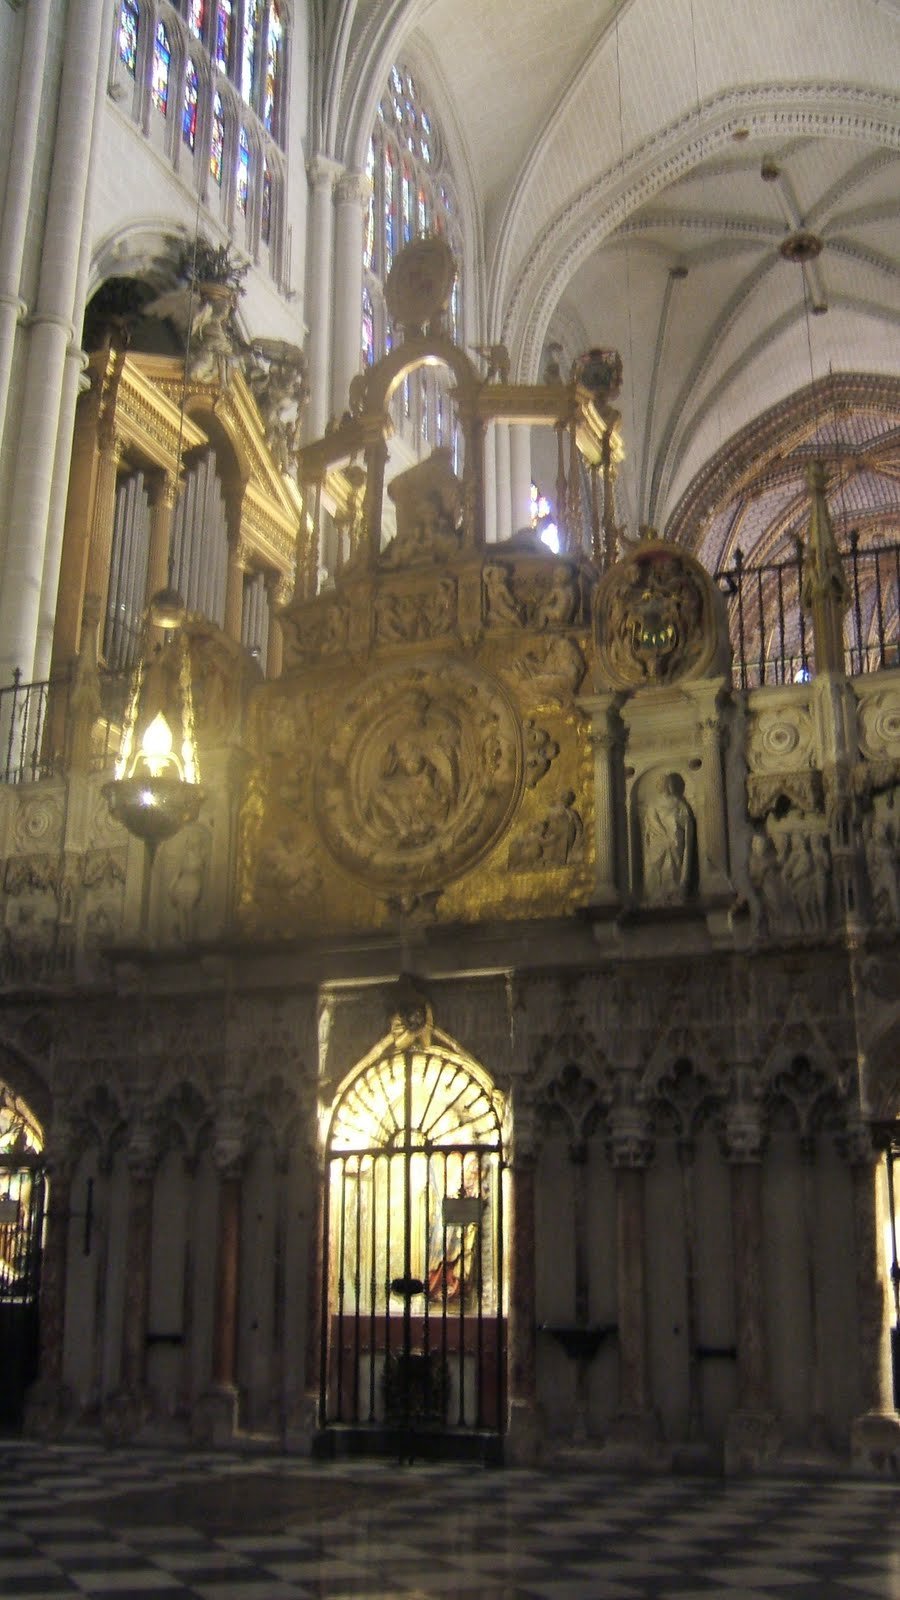 奧菲歐的慢板: 托雷多大教堂